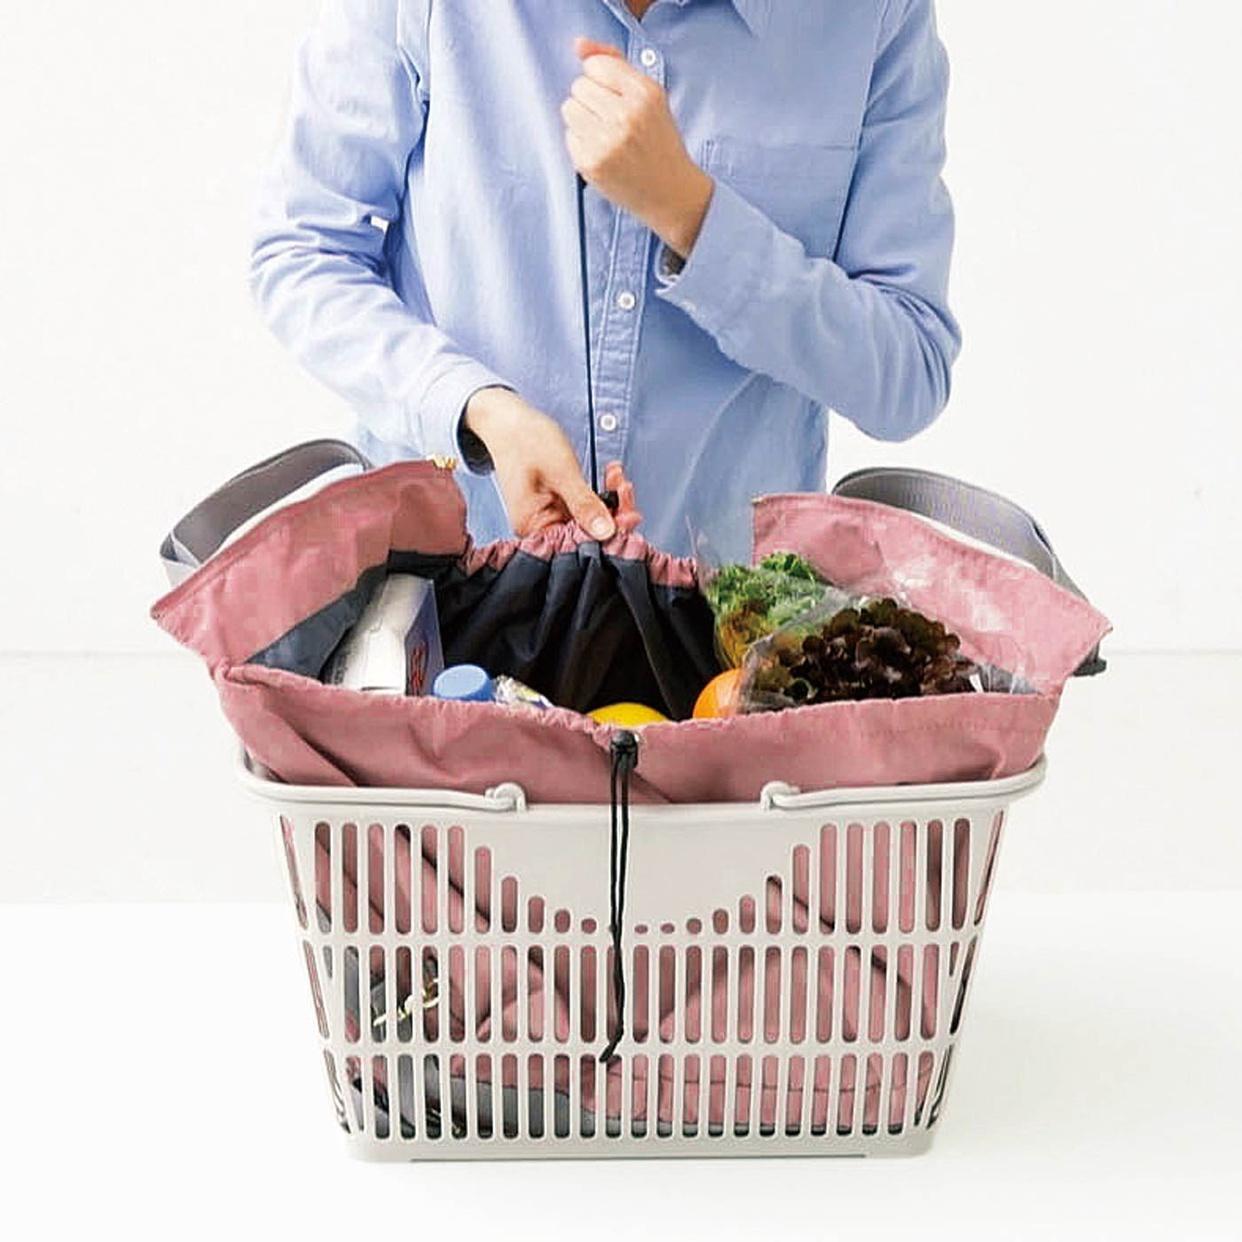 FELISSIMO(フェリシモ) レジカゴバッグの商品画像6